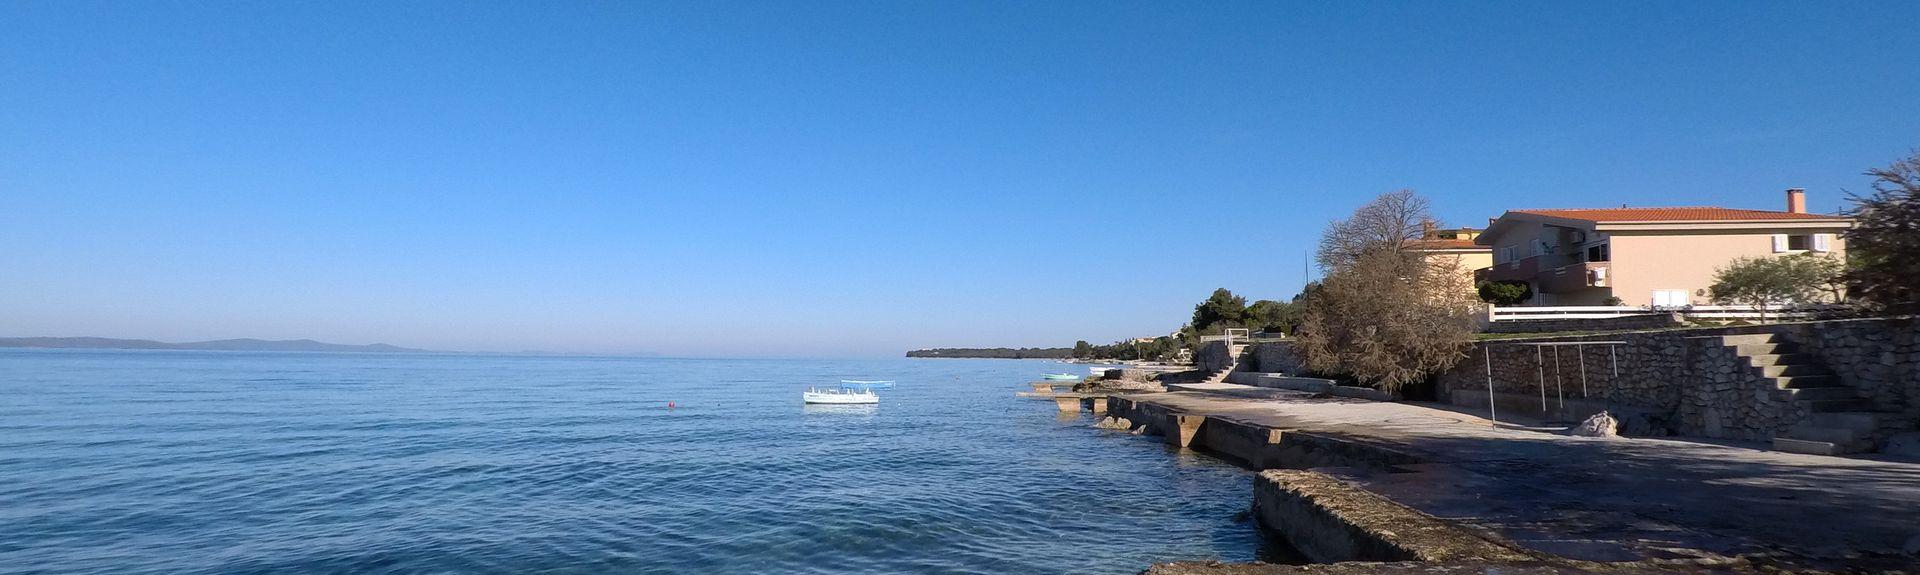 Ninska Laguna Beach, Nin, Croatia